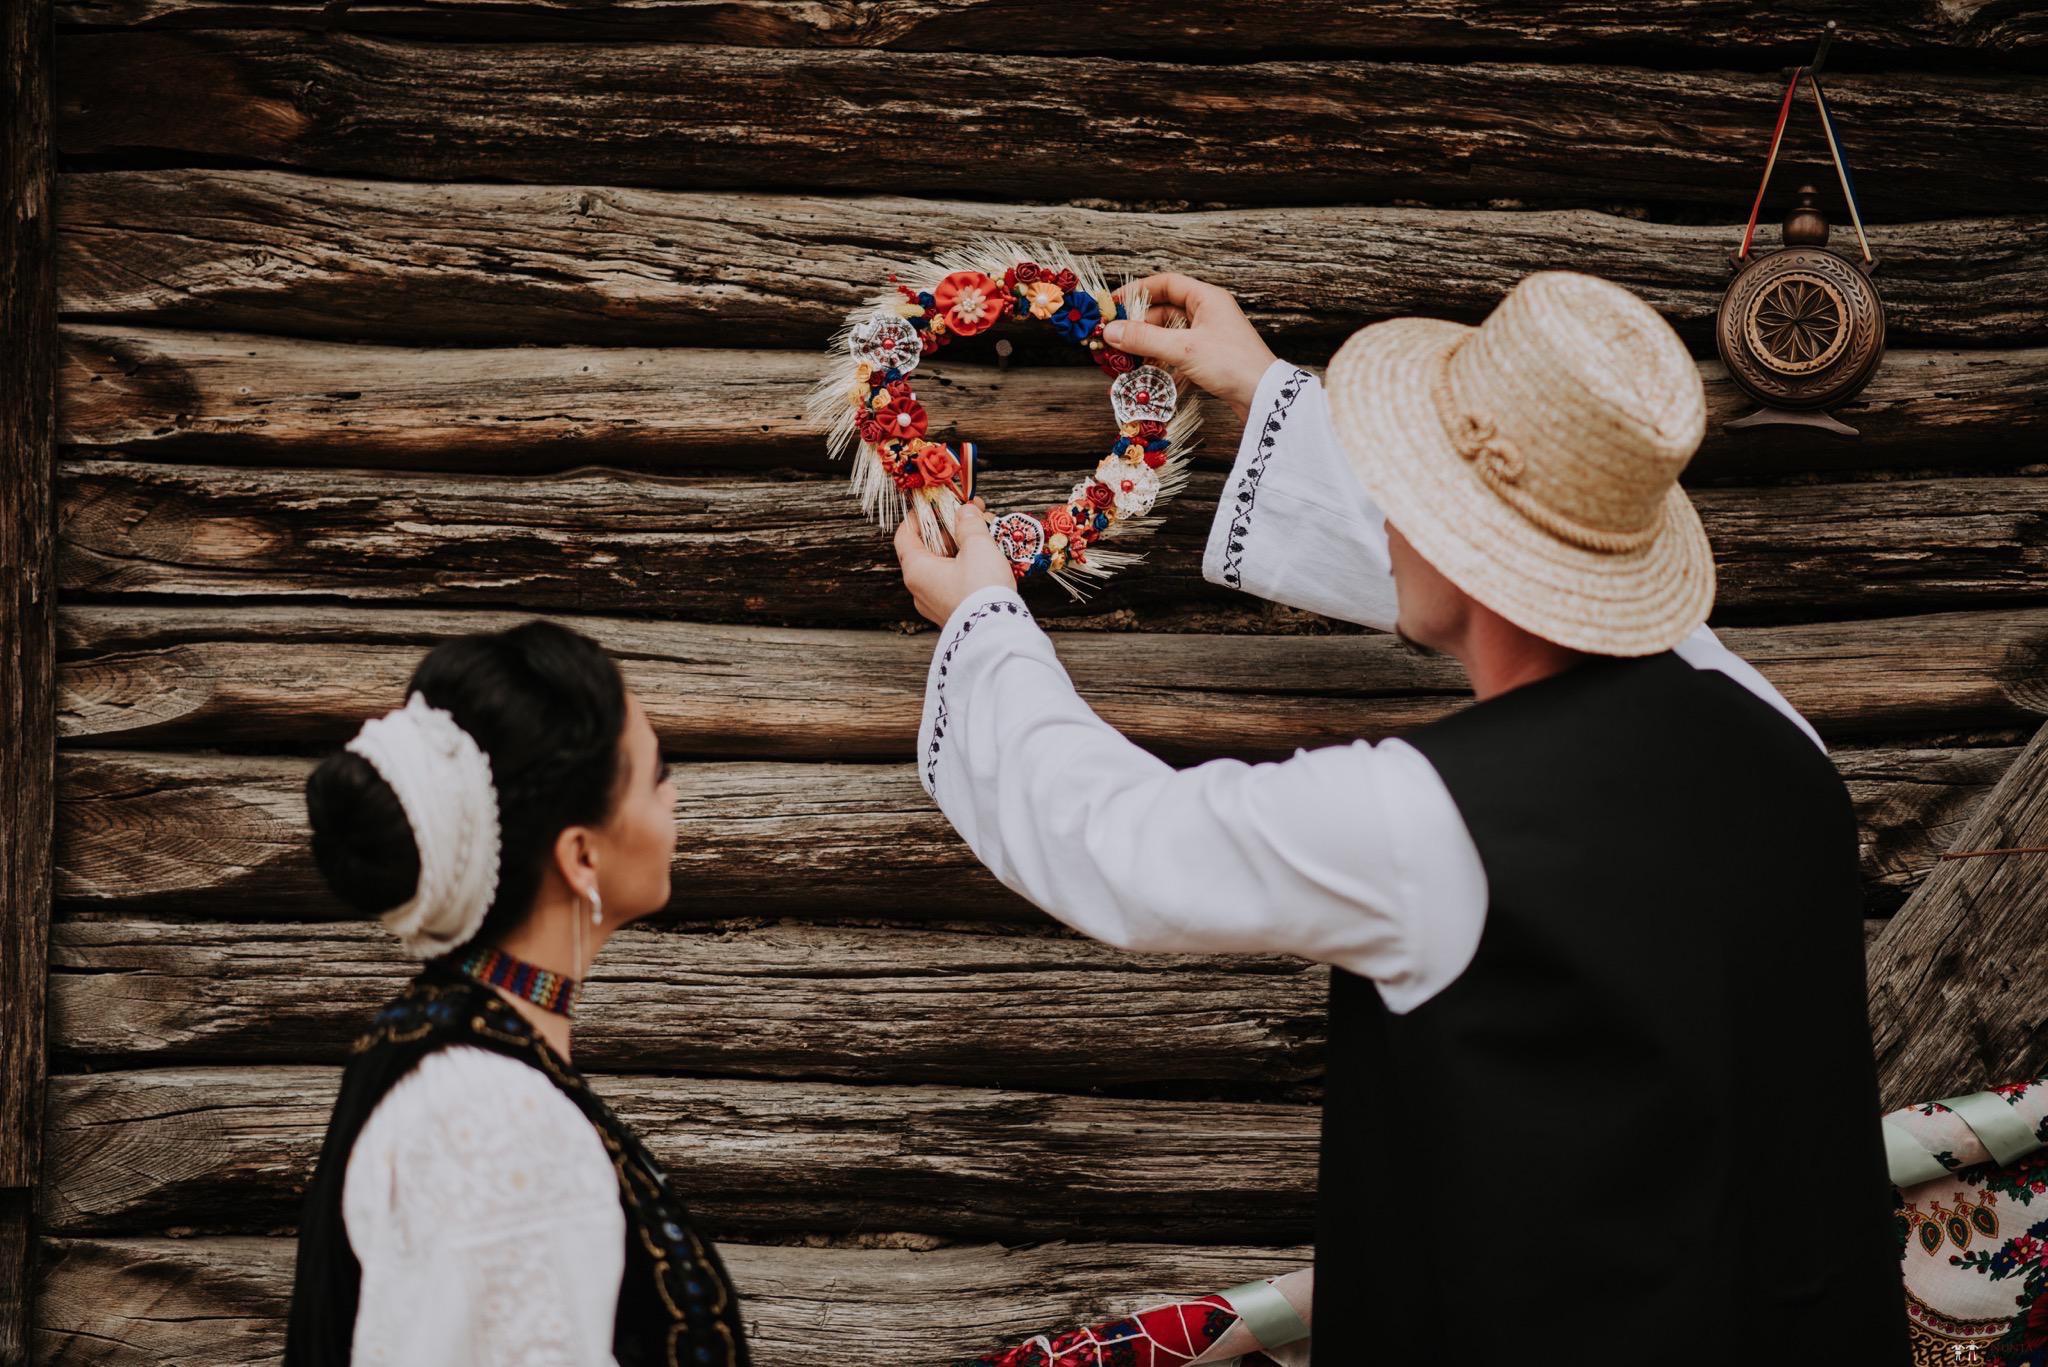 Povești Nunți Tradiționale - Silvia și Adrian. Nuntă tradițională în Ghighișeni, Bihor 25